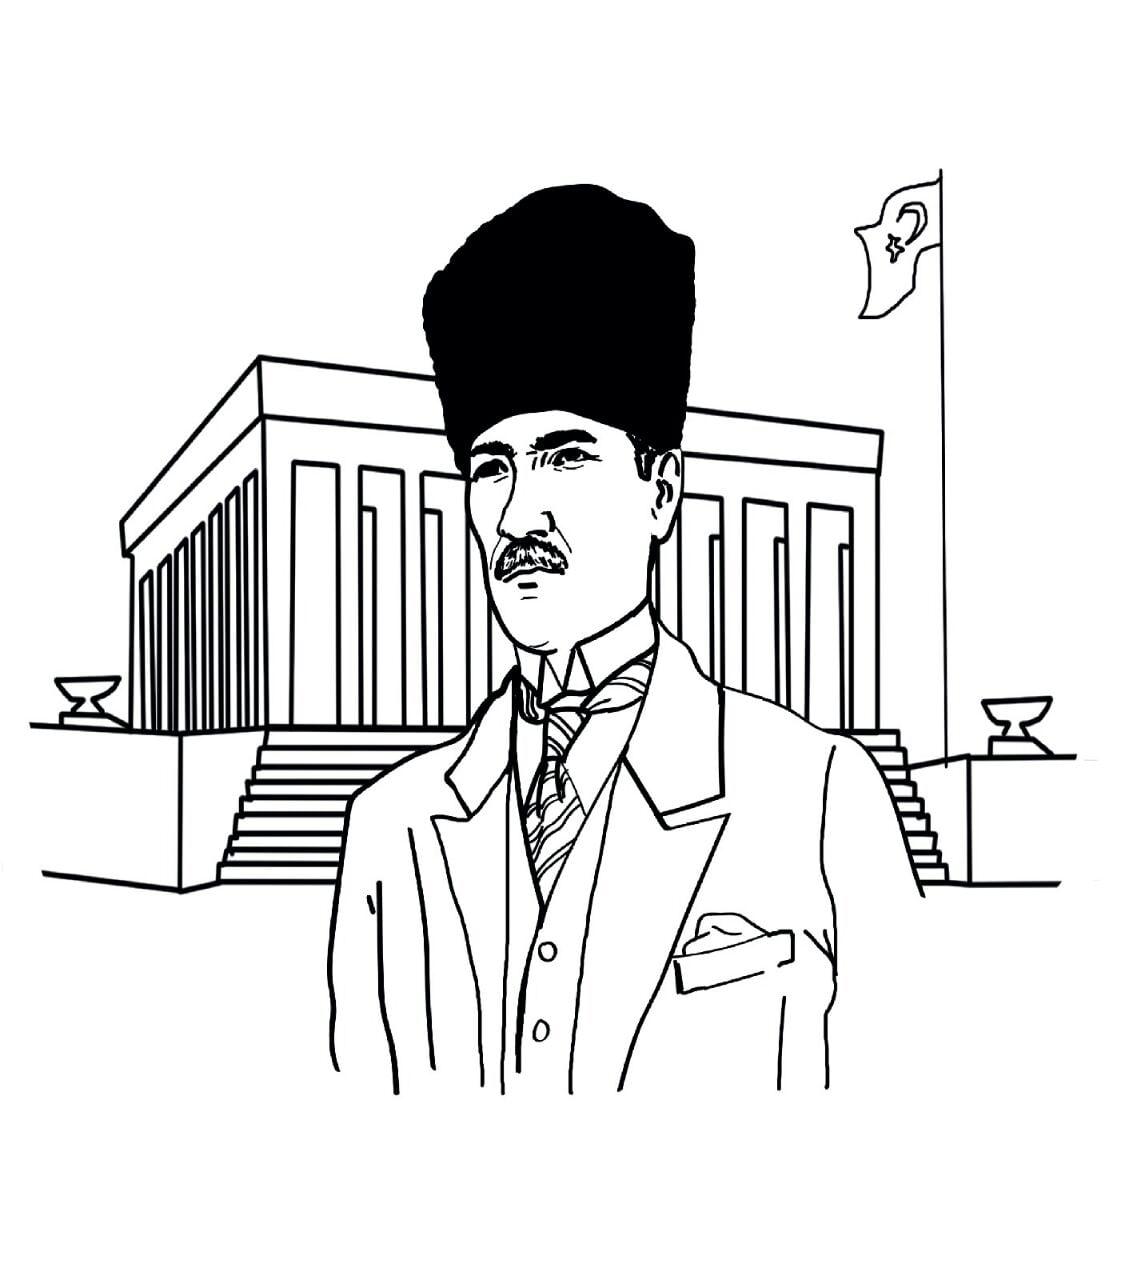 10 Kasim Boyama Sayfalari Sinif Ogretmenleri Icin Ucretsiz Ozgun